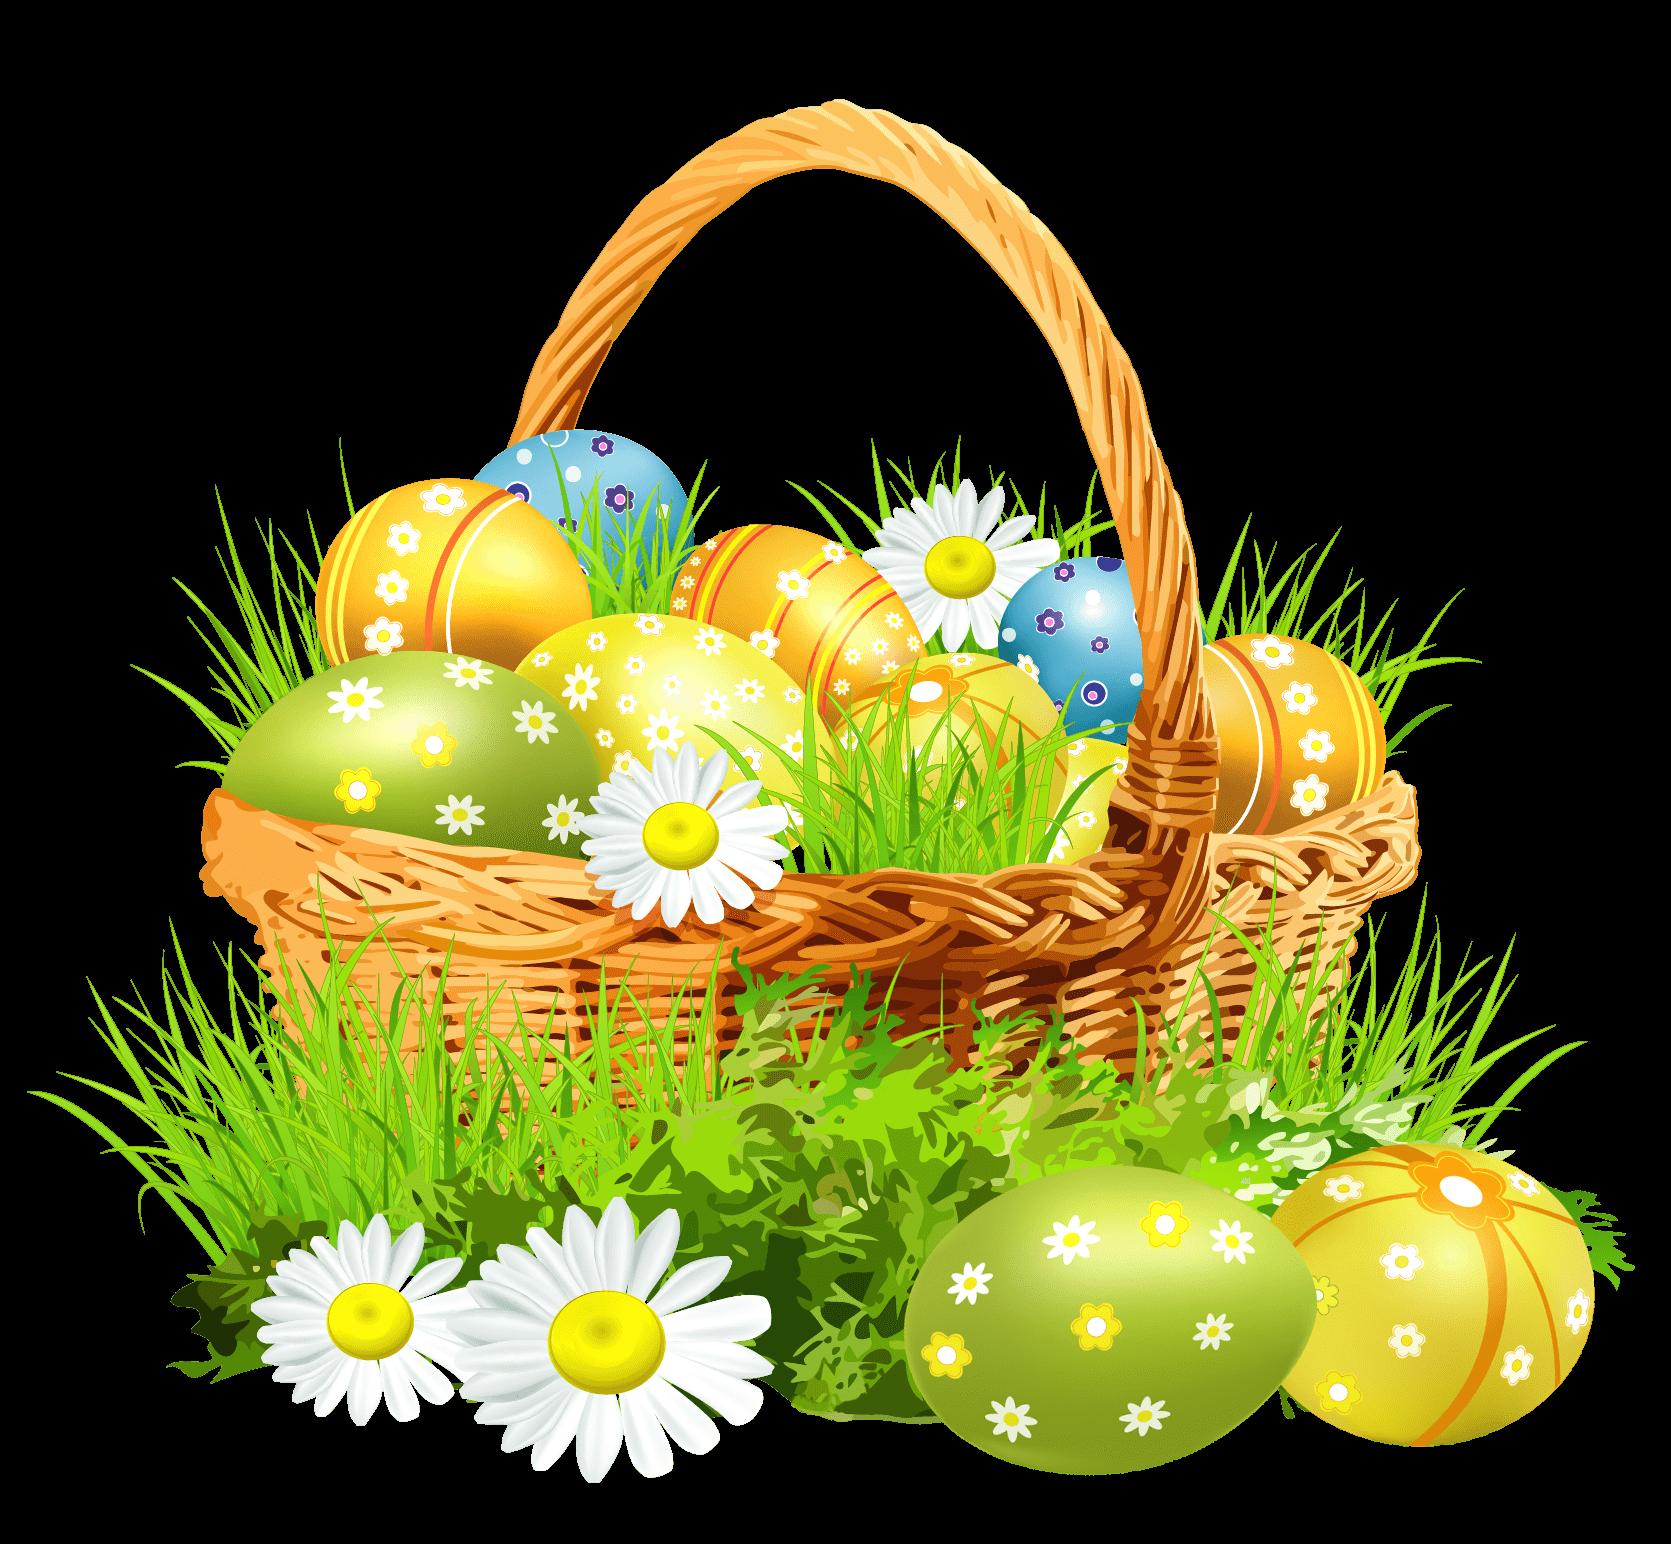 Easter Basket Flowers Transparent Png Stickpng Easter Images Easter Easter Pictures